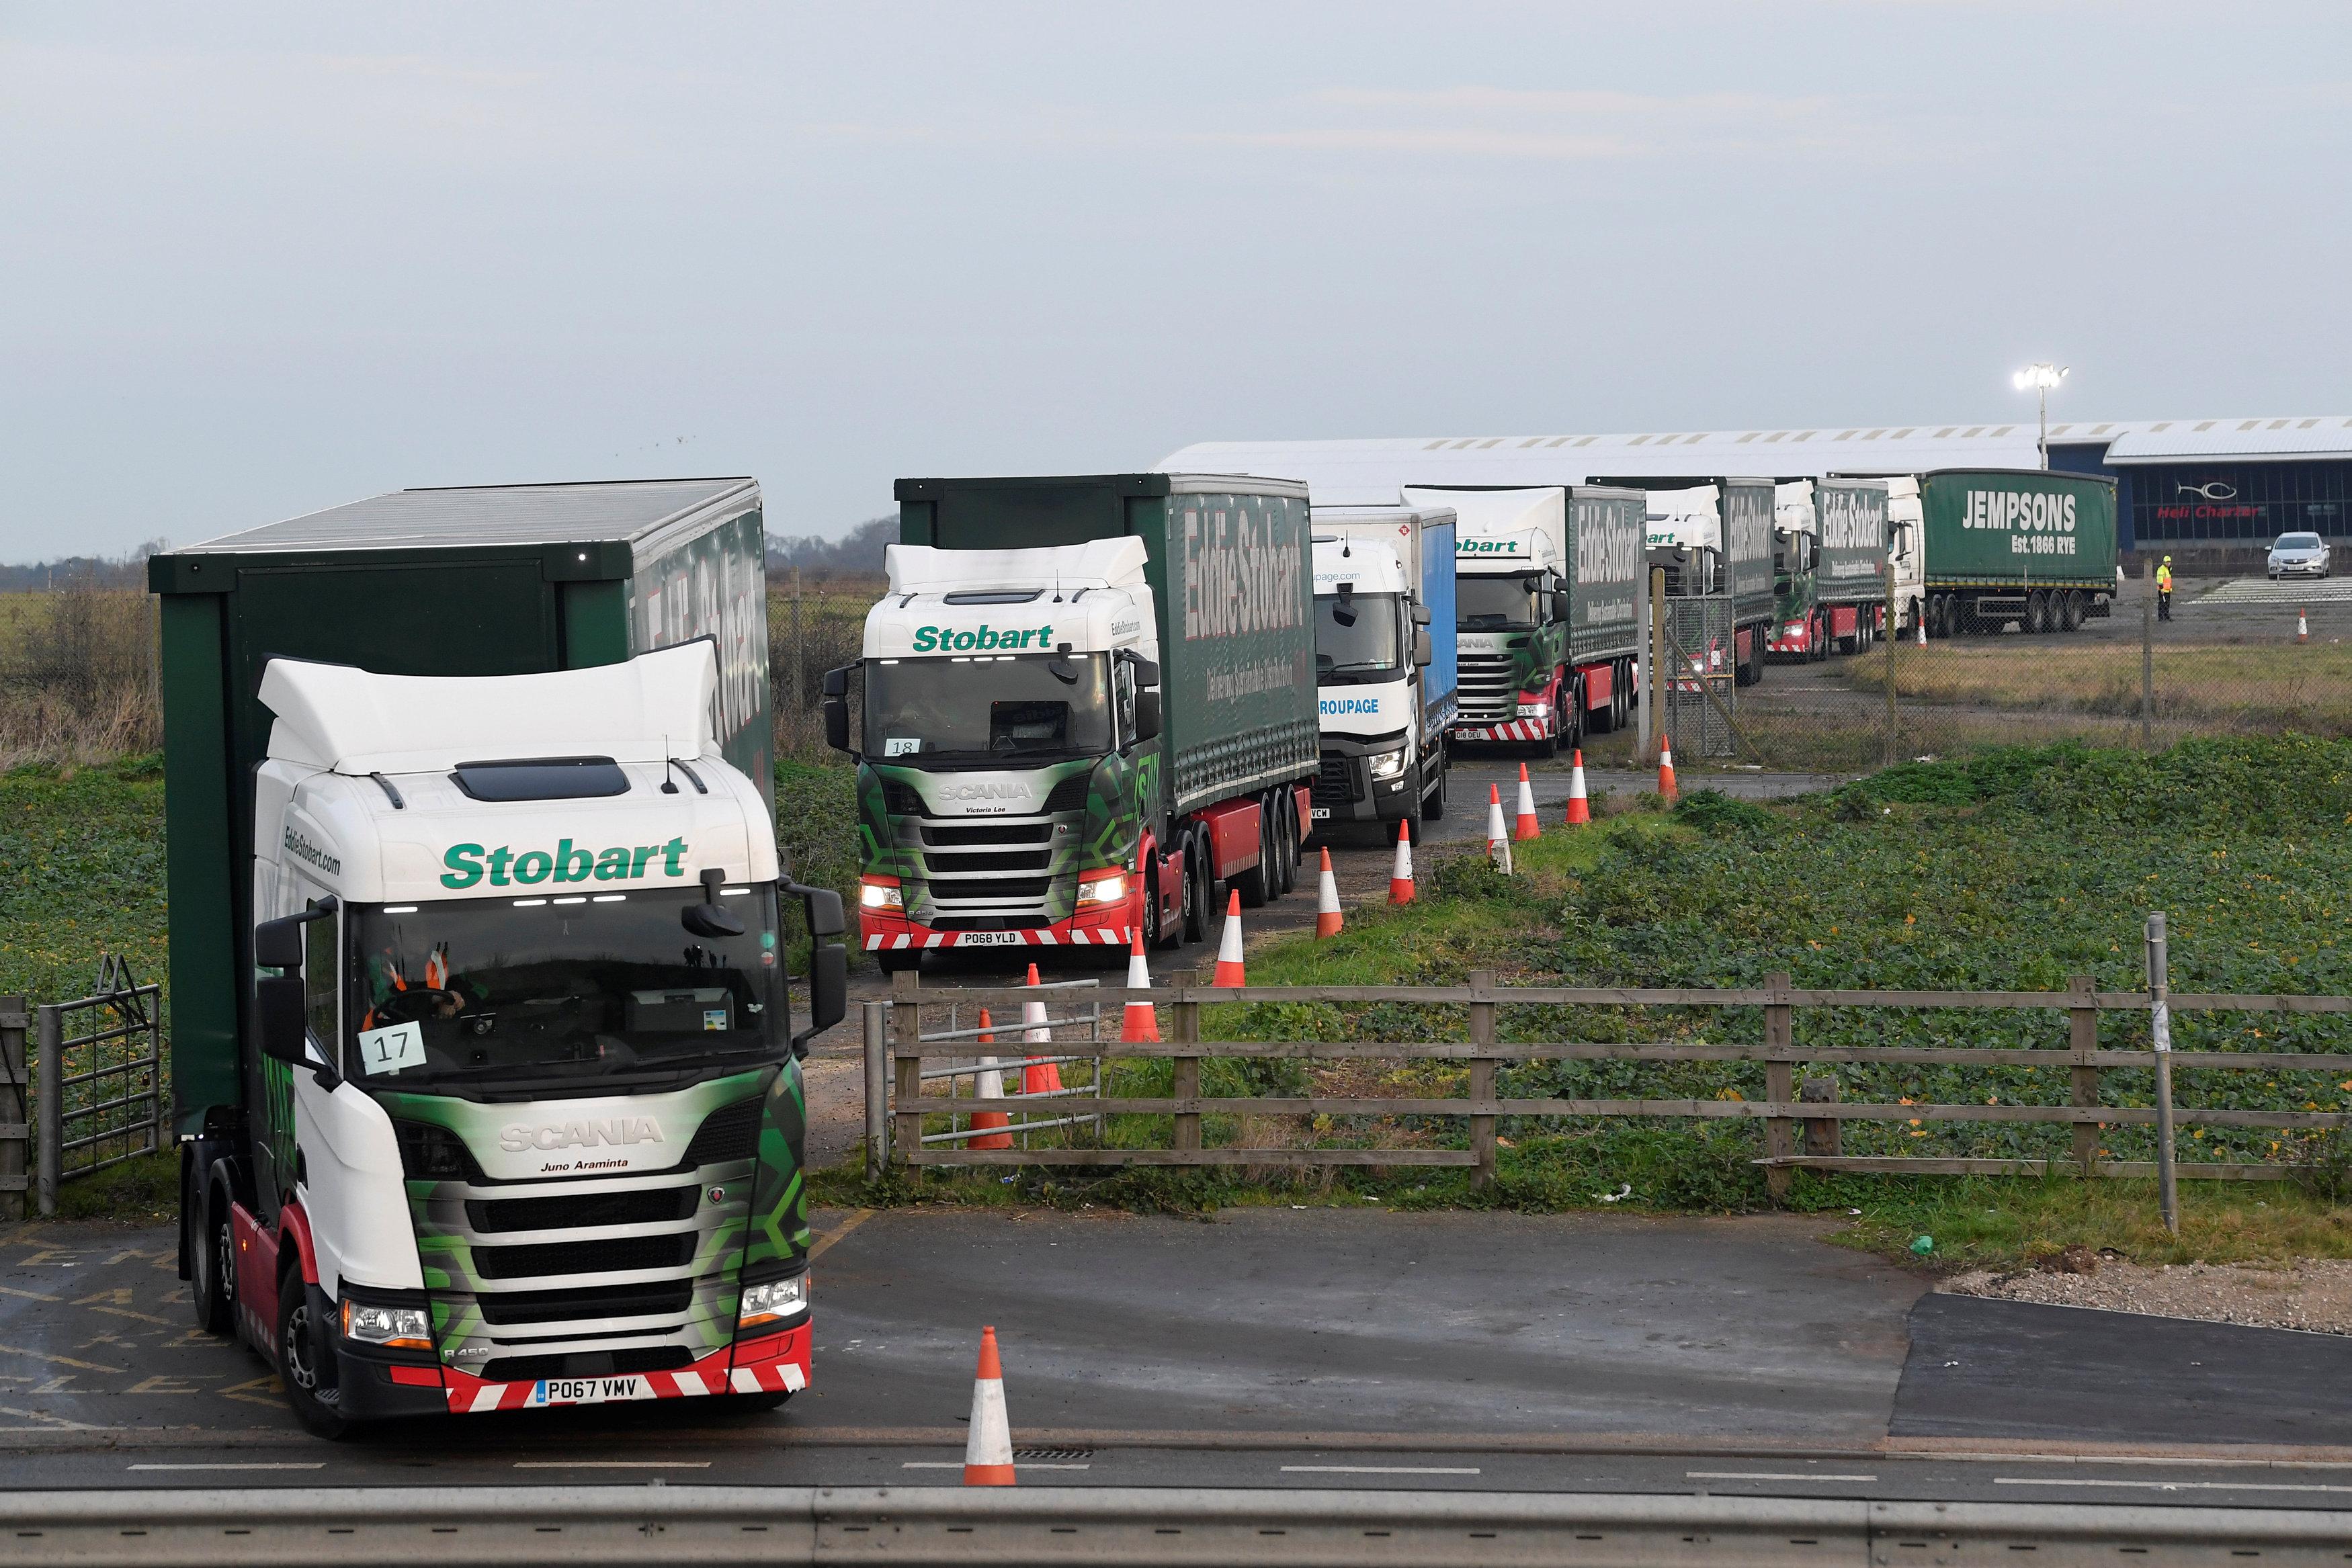 Los vehículos participantes, querecibieron un incentivo económico, se congregaron en el campo de aviación en desuso de Manston, cerca del pueblo de Ramsgate, en el condado de Kent